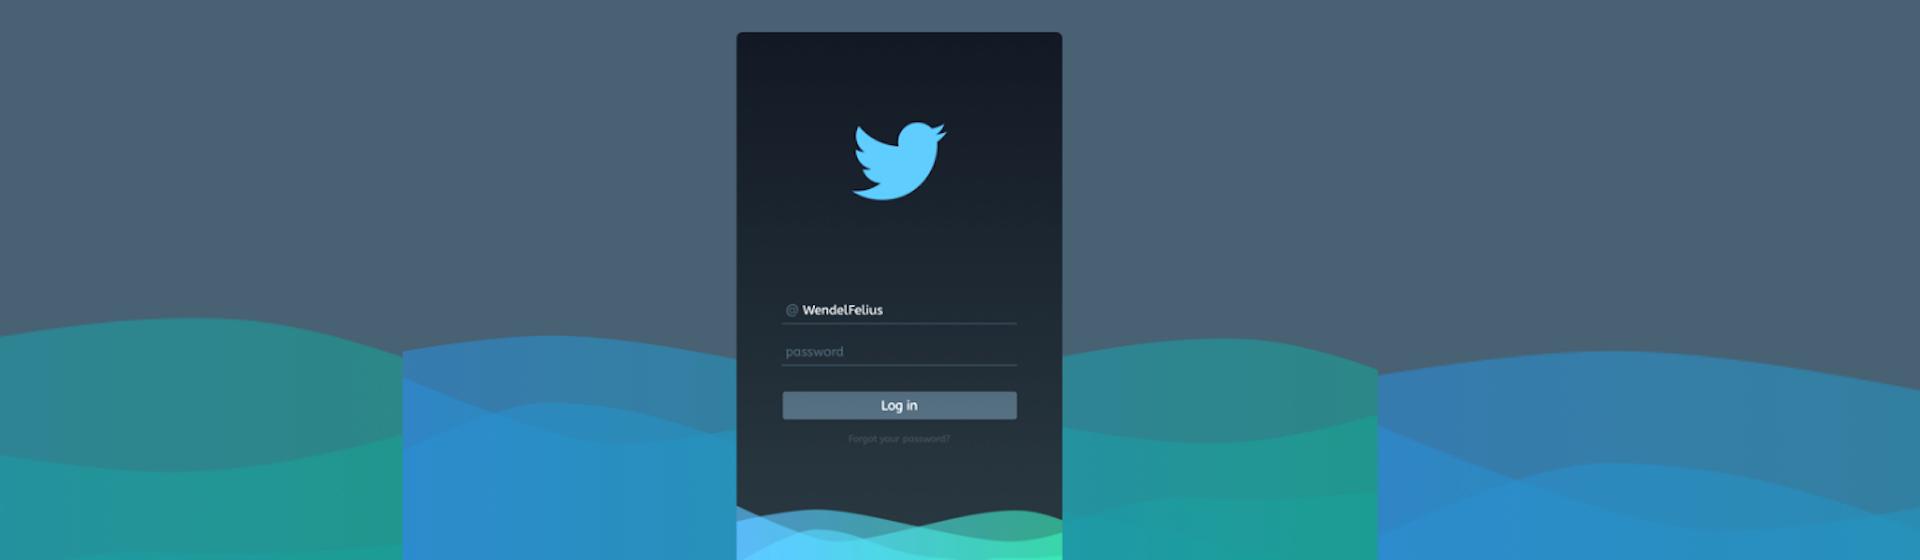 Crea una cuenta en Twitter: vive las noticias y eventos en tiempo real